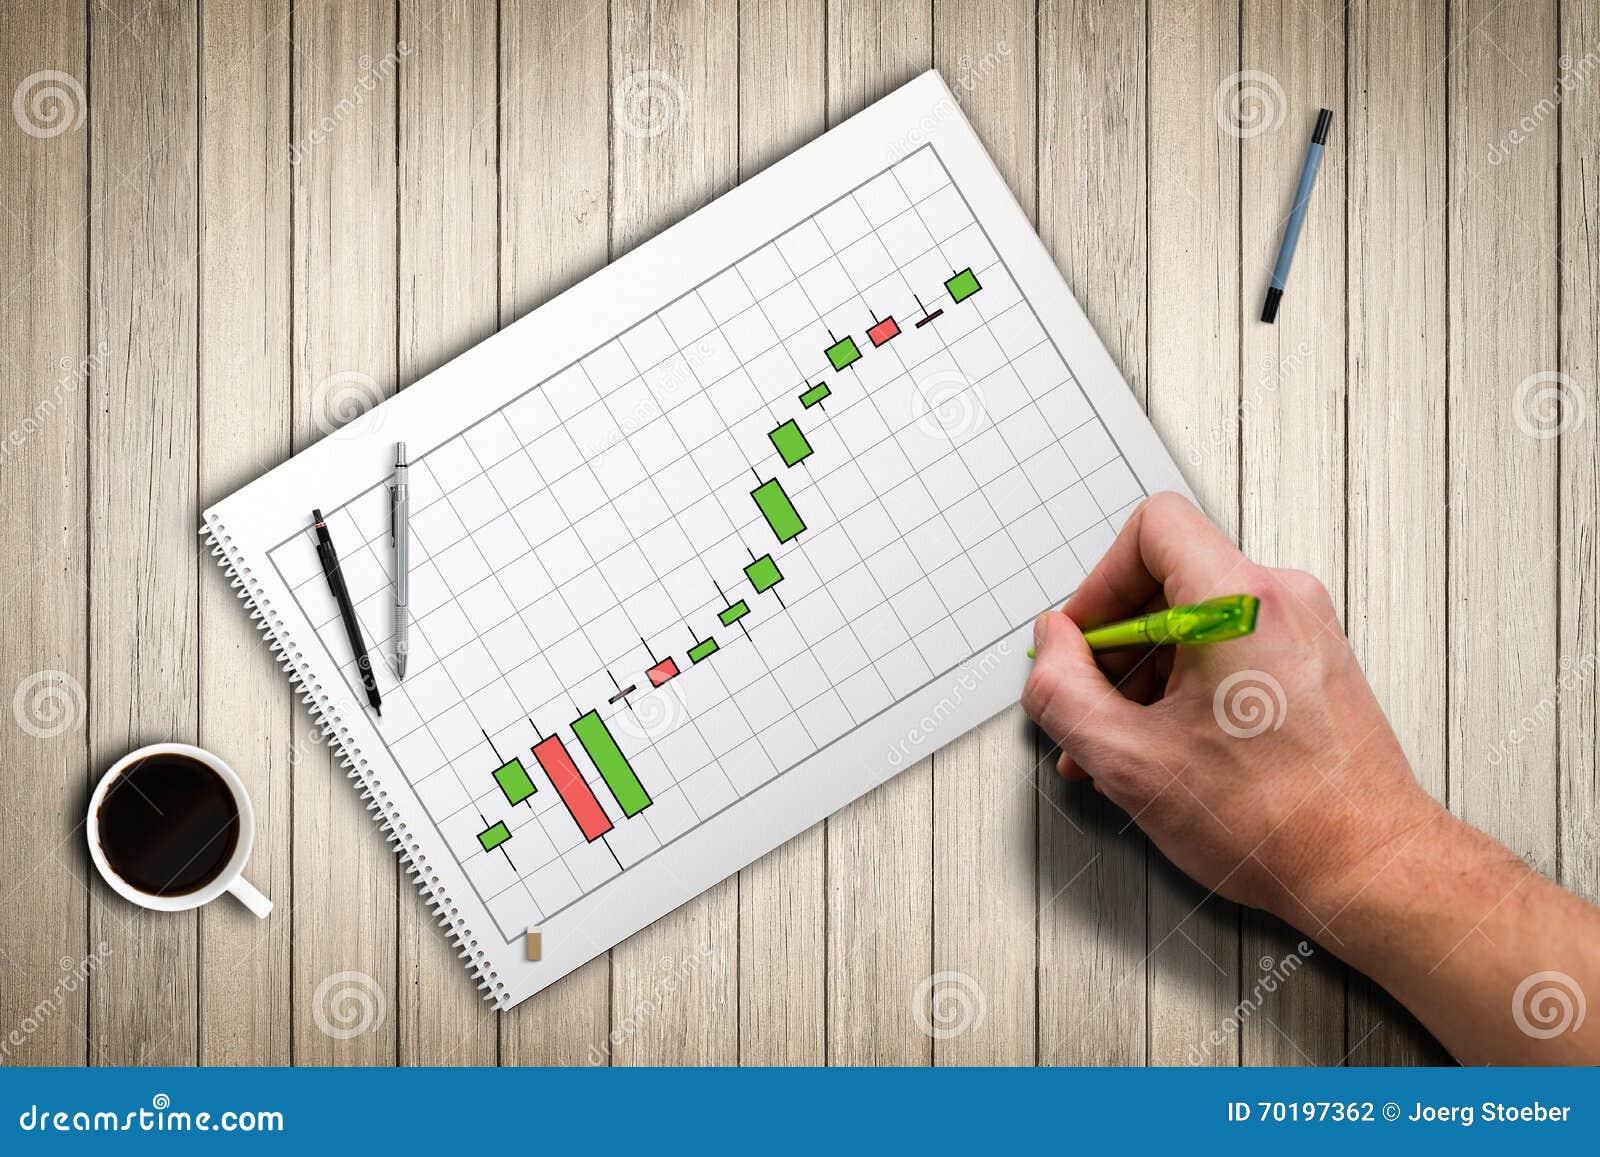 e2d8e0d969 Disegno di un grafico del bastone della candela di prezzo delle azioni